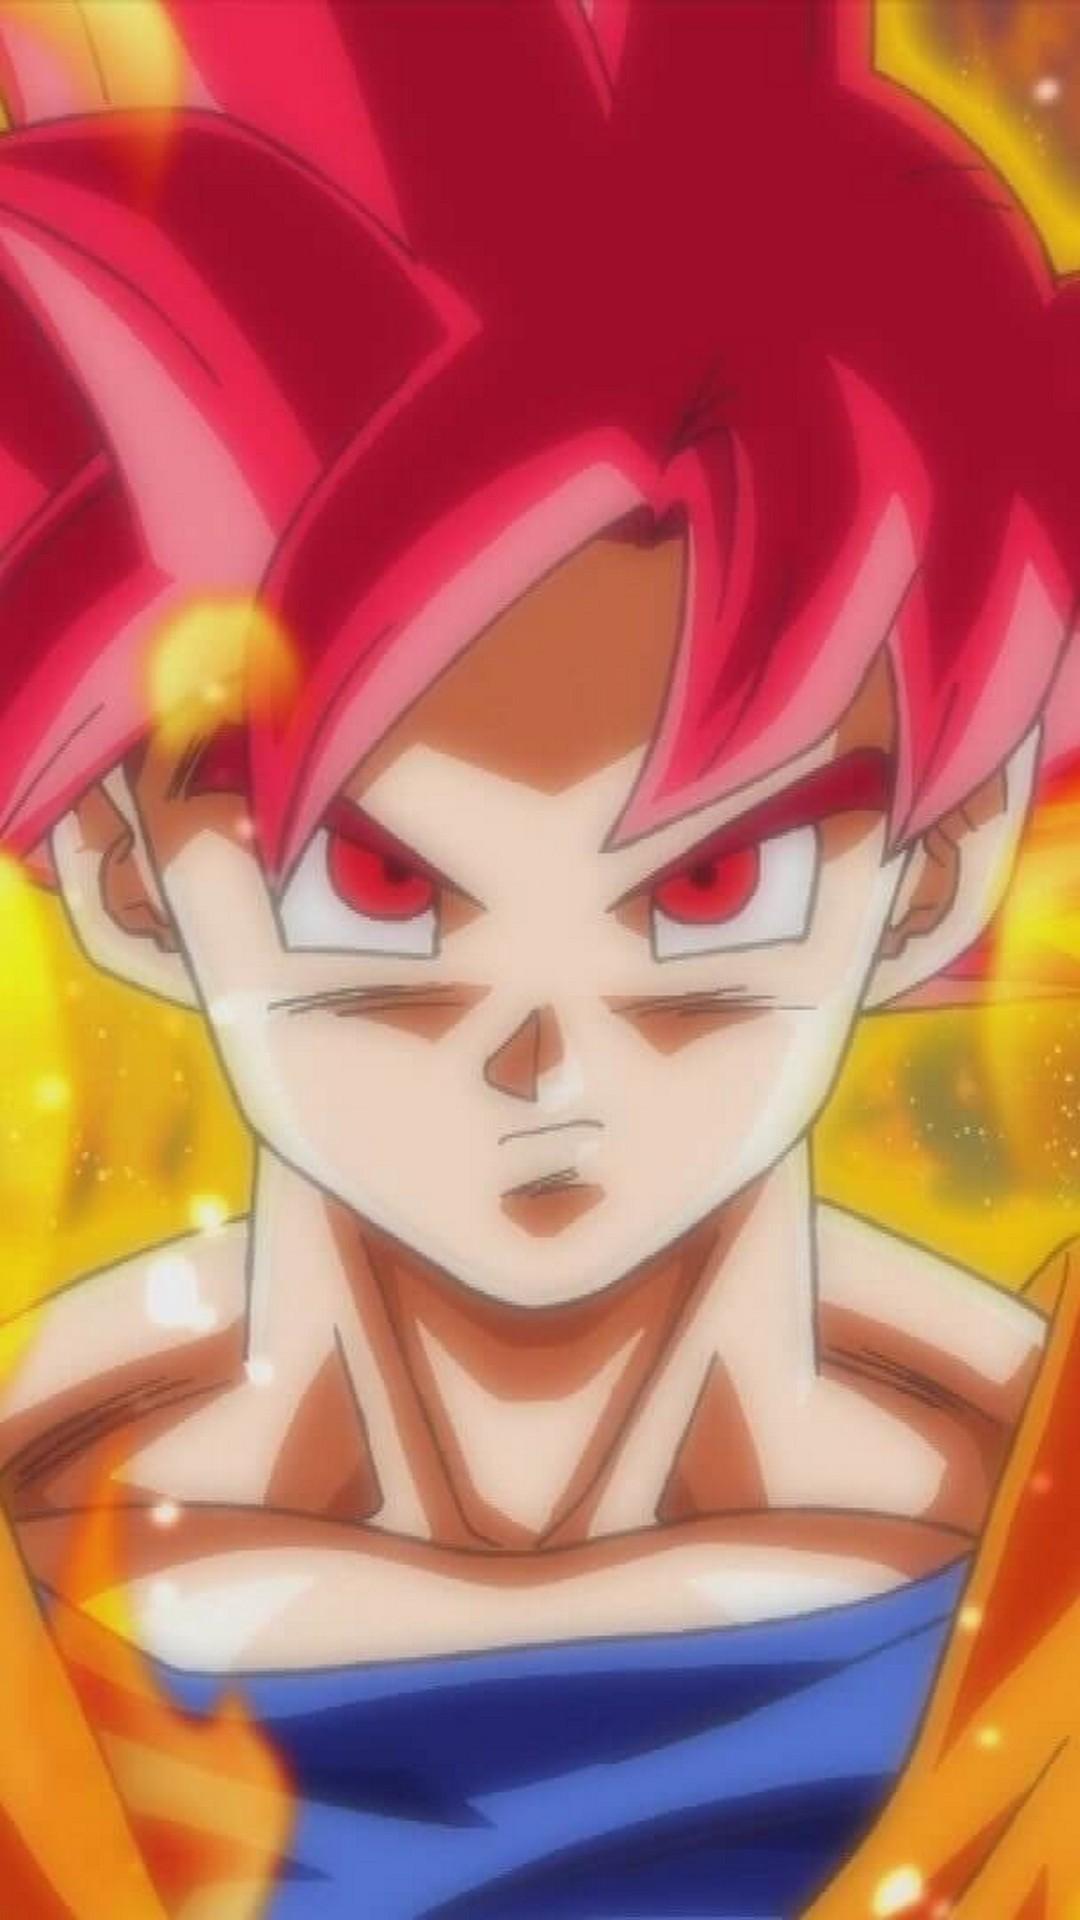 Iphone 7 Wallpaper Goku Super Saiyan God With Image Goku Super Saiyan Red 1080x1920 Wallpaper Teahub Io